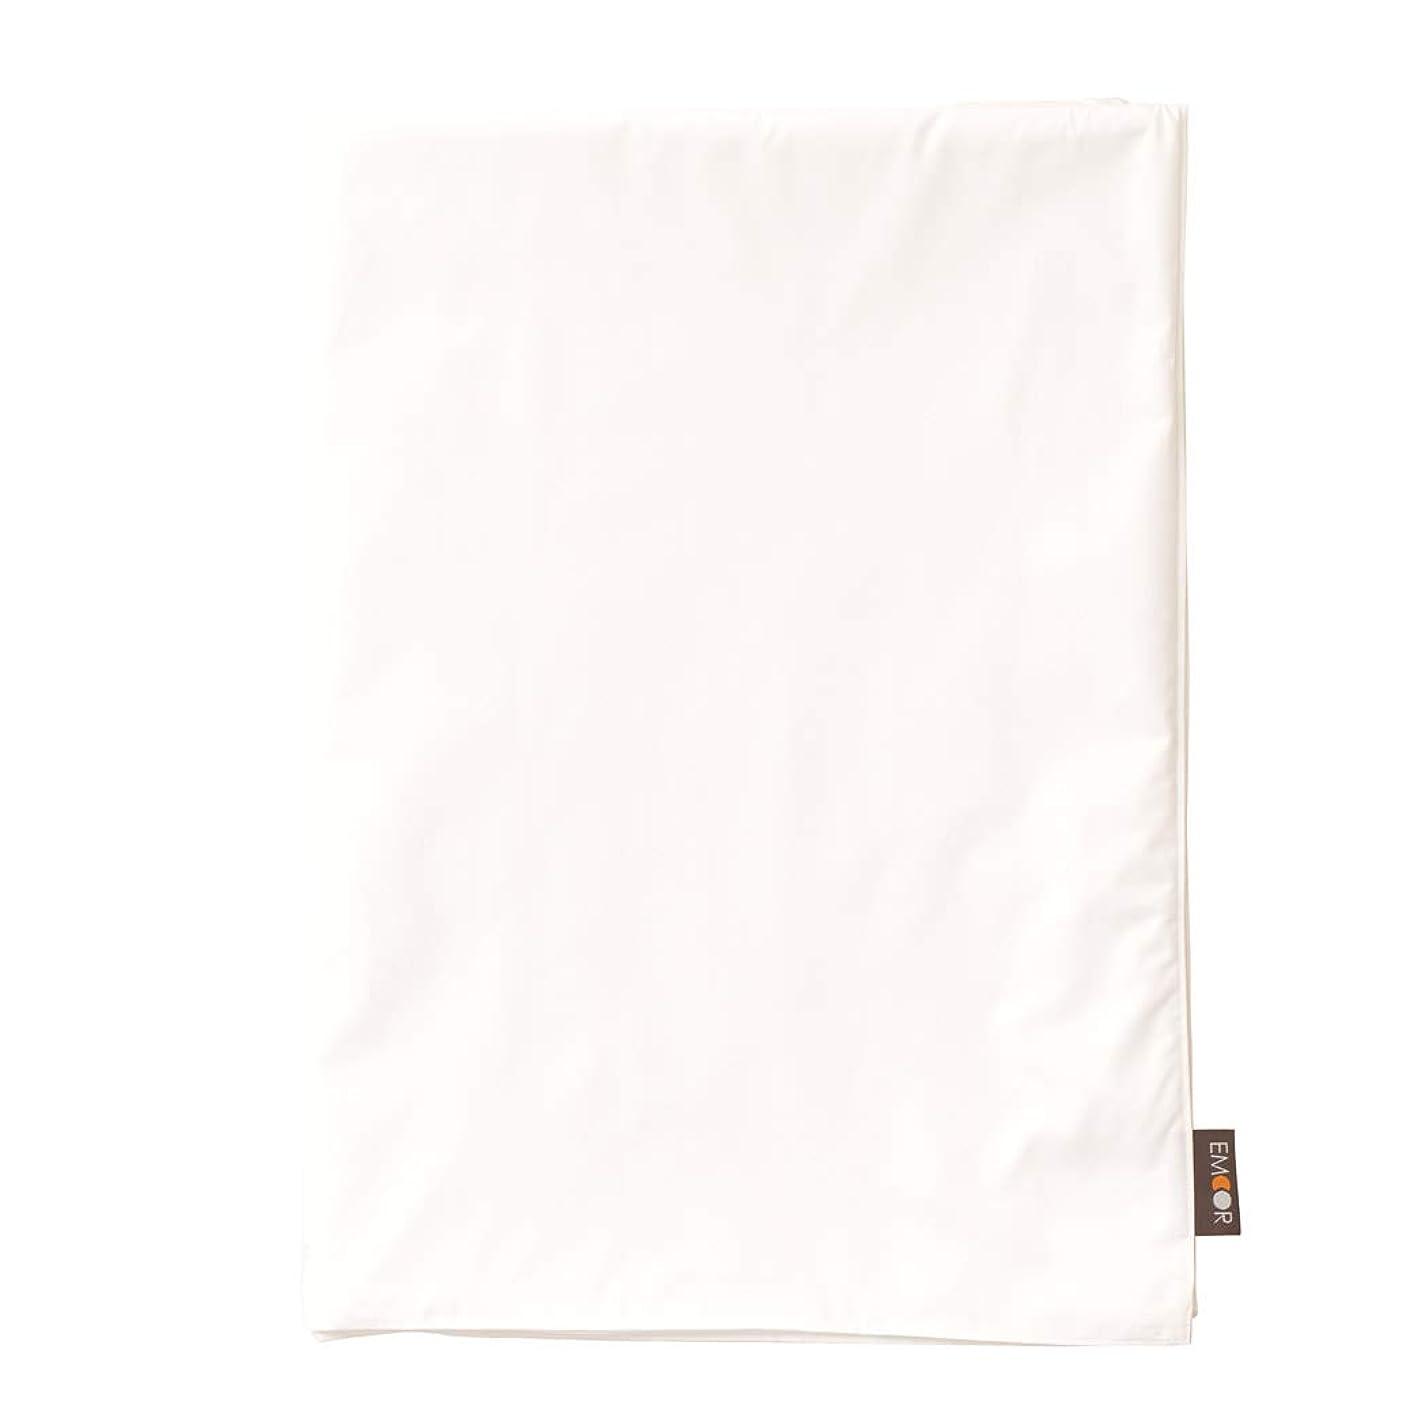 クレジット接辞きれいにエムール 日本製 防ダニ 敷きカバー シングル 東洋紡アルファイン ホワイト